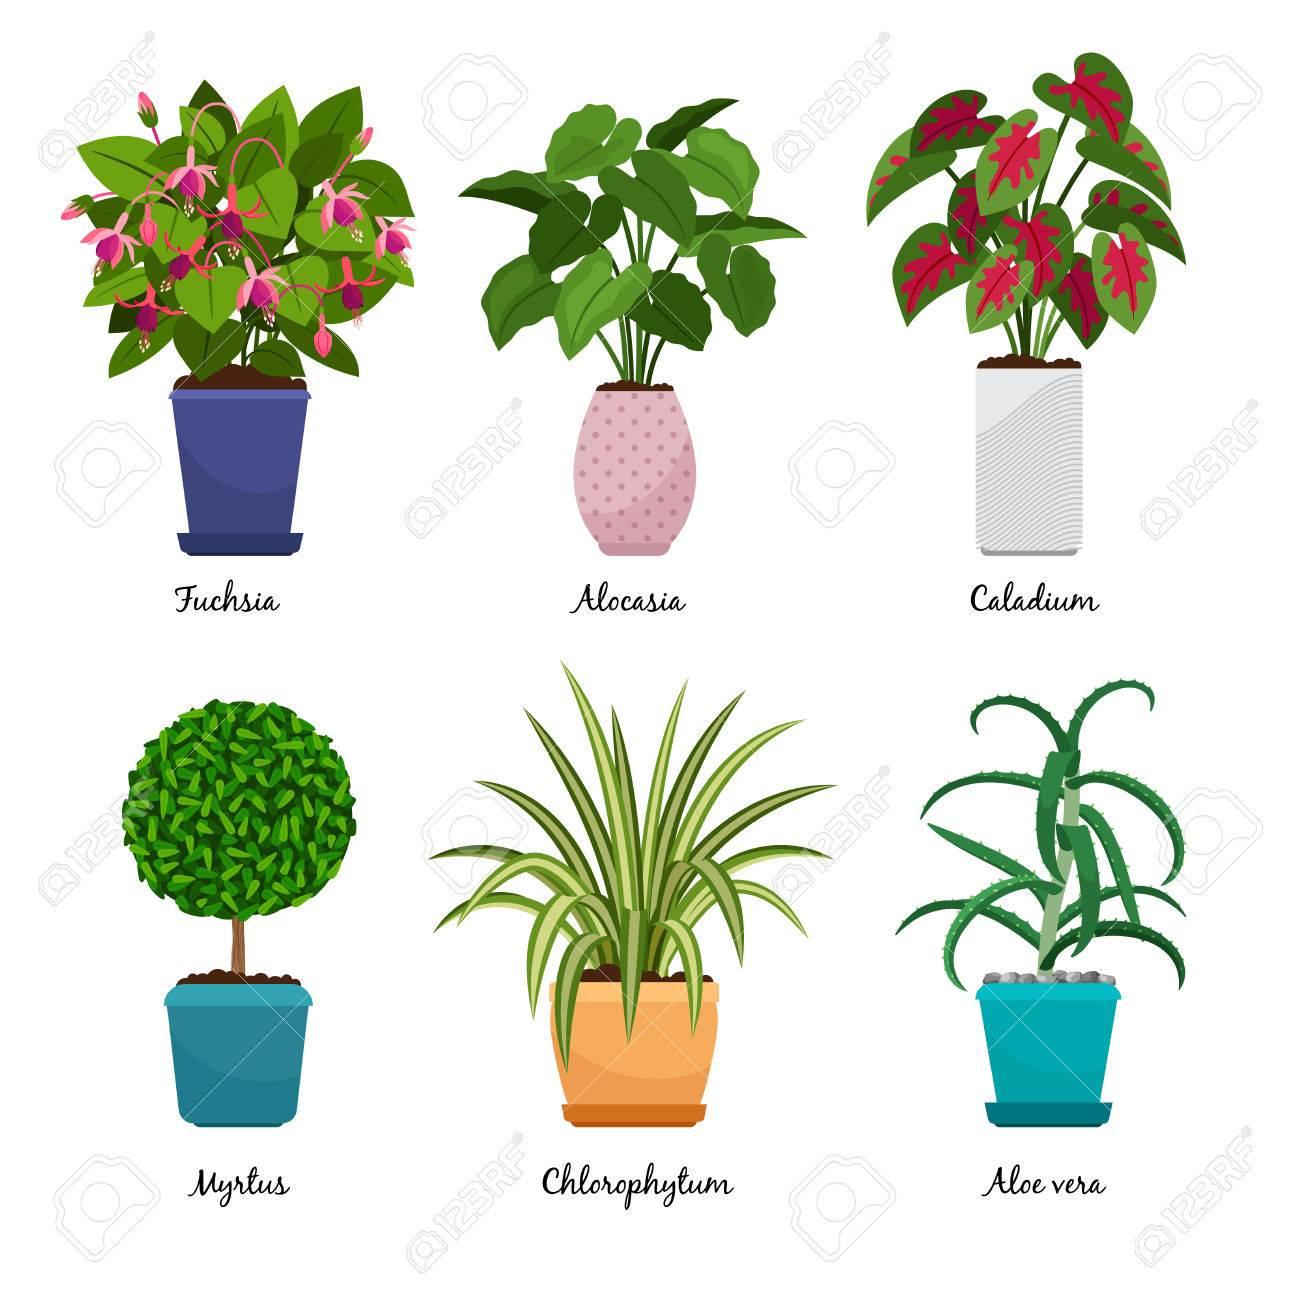 Plantes D Intérieur De Dessin Animé Isolés Sur Fond Blanc Plantes D Intérieur Décoratives En Pots Vector Illustration Fuchsia Et Myrtus Aloe Vera